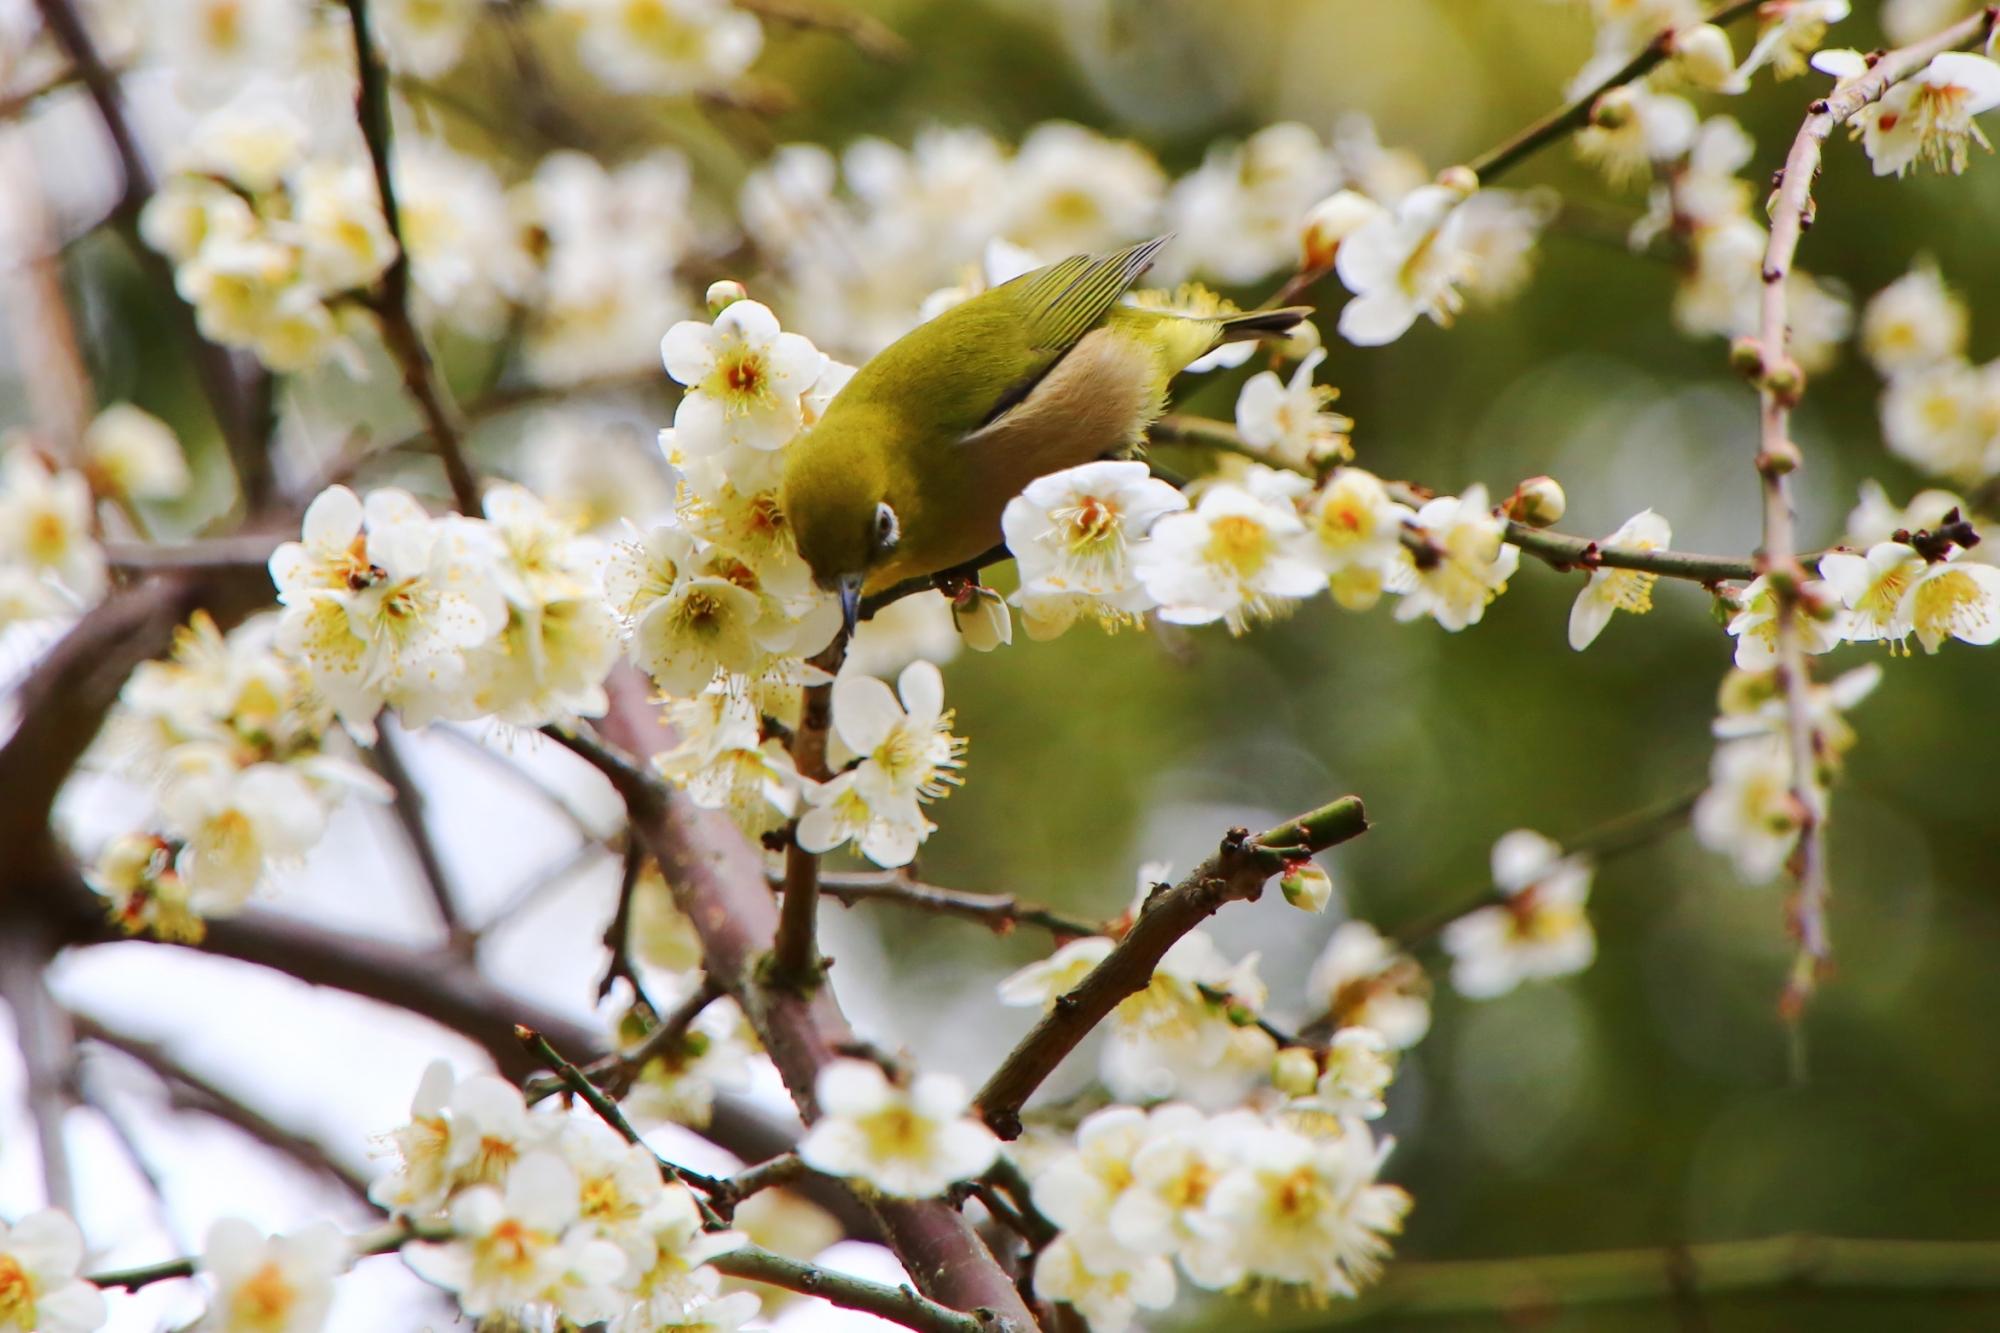 しばらく花の蜜を吸うとすぐにどこかへ行ってしまうメジロ